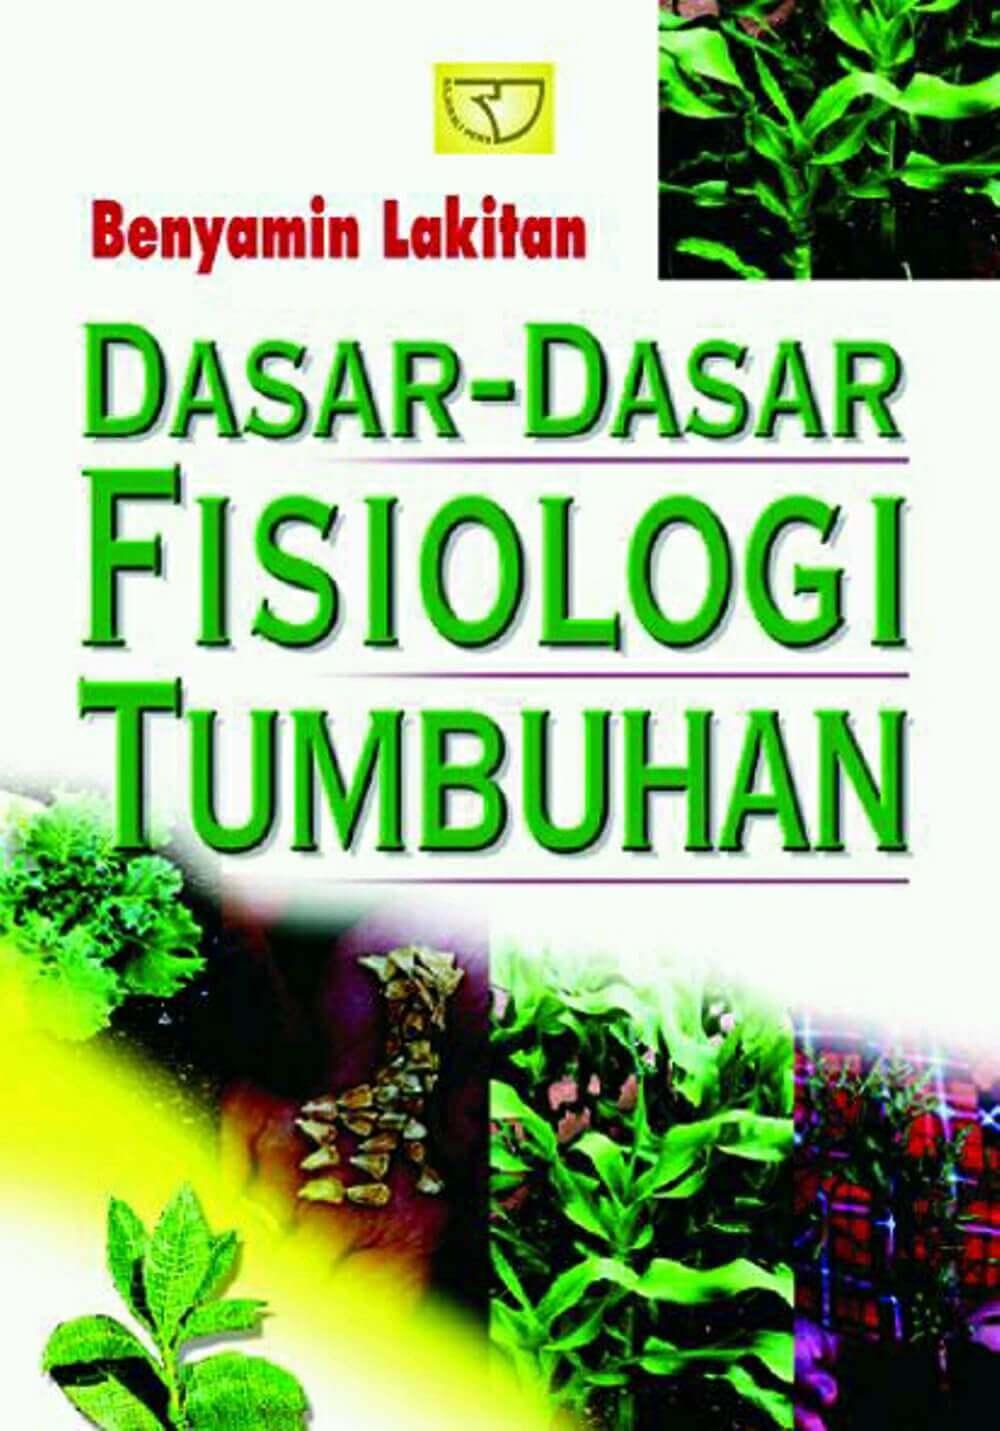 Biokimia fisiologi & biologi molekuler. Dasar-dasar Fisiologi Tumbuhan - Benyamin Lakitan